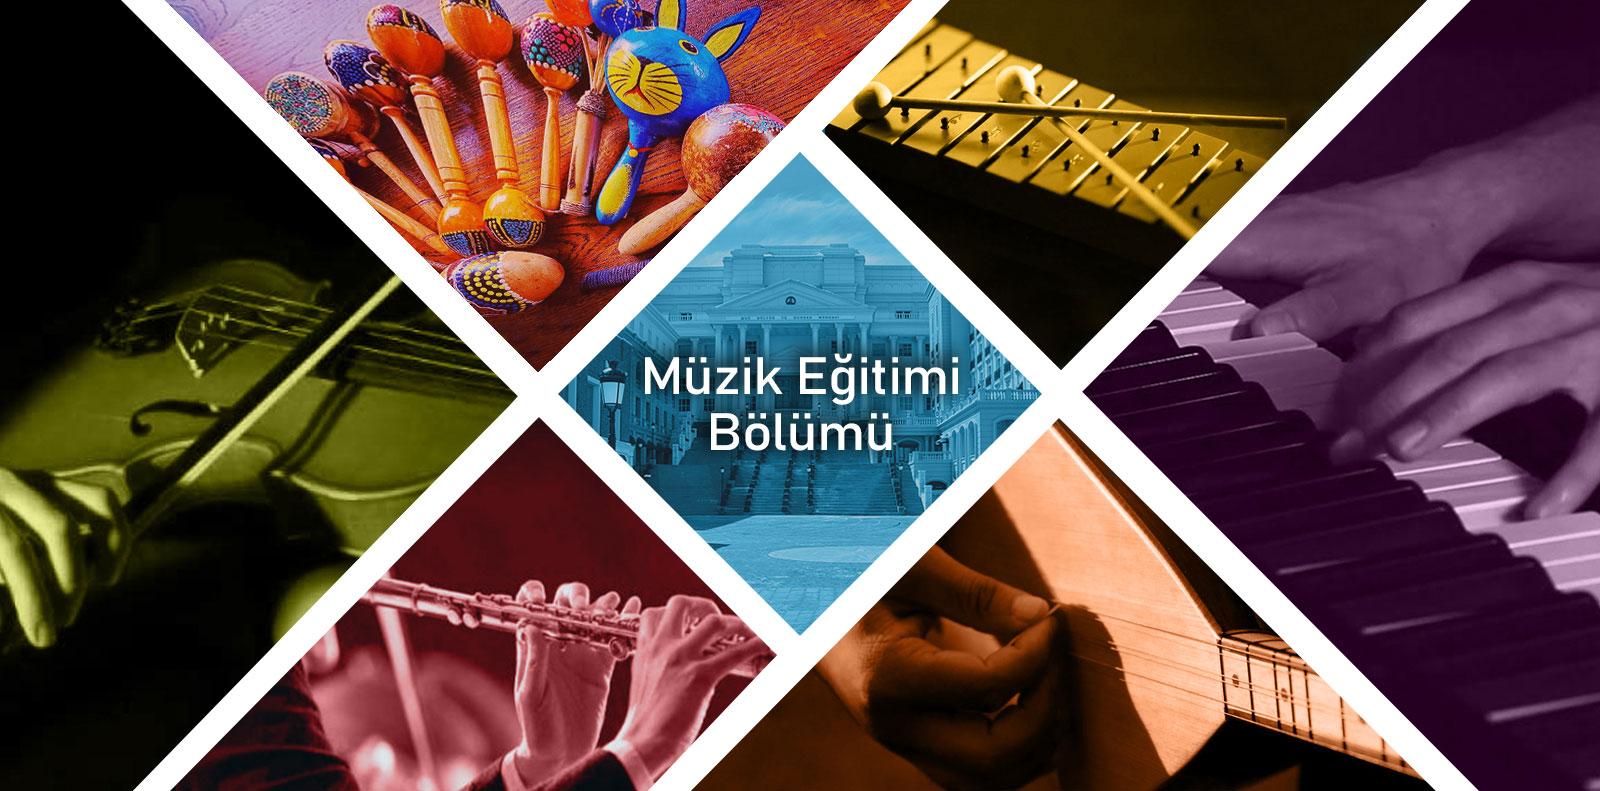 Müzik ve Güzel Sanatlar Eğitim Fakültesi Slide 01